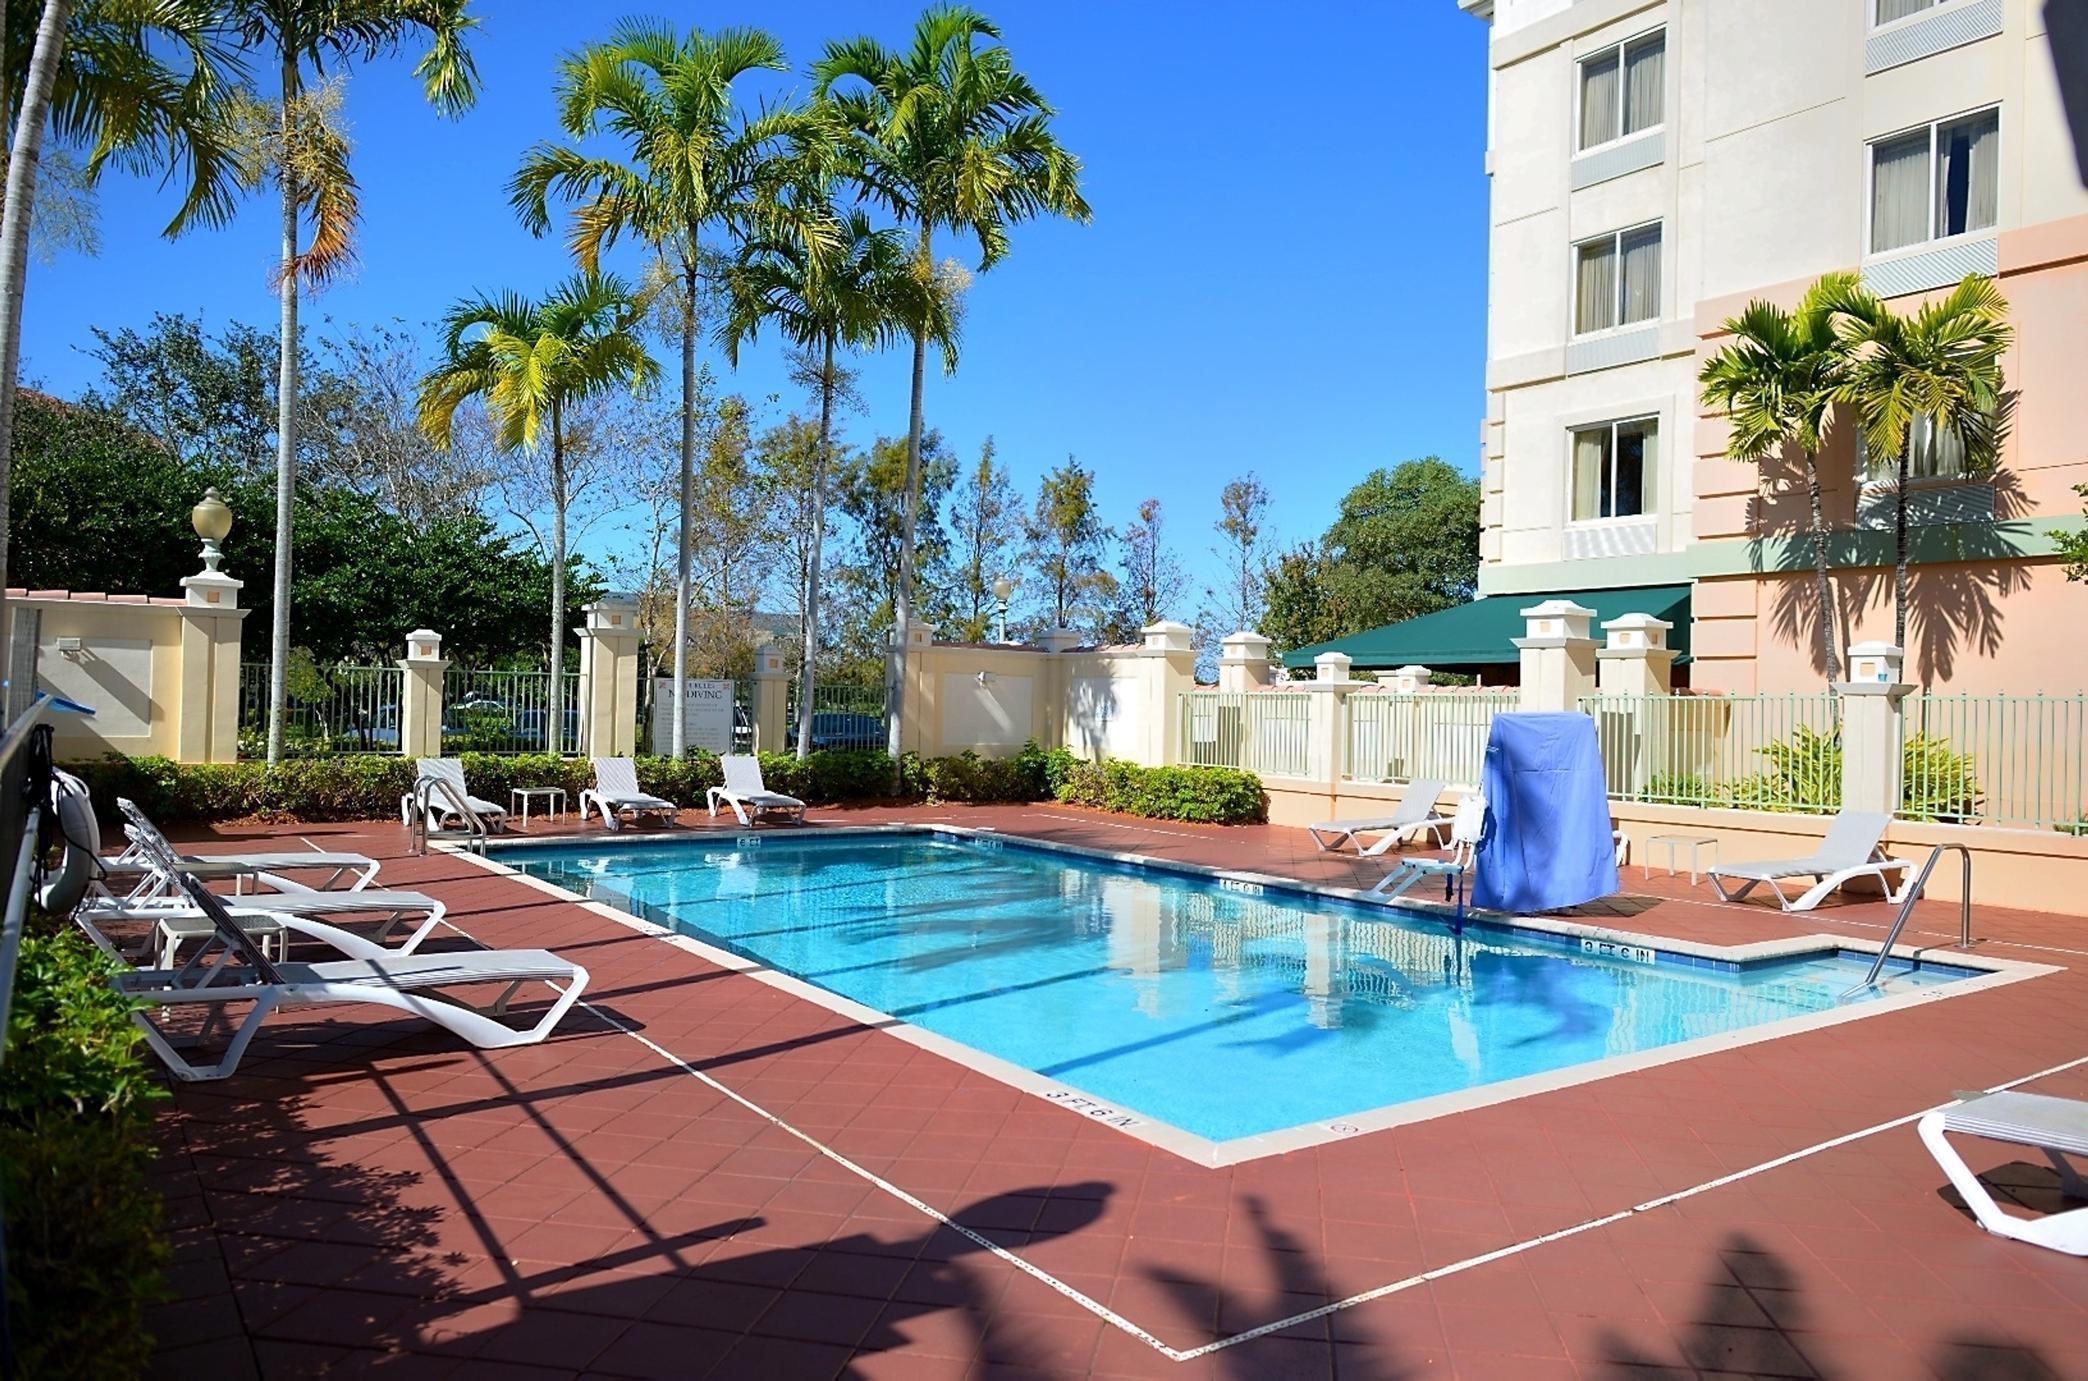 Hilton Garden Inn Ft Lauderdale Sw Miramar Miramar Fl Business Directory